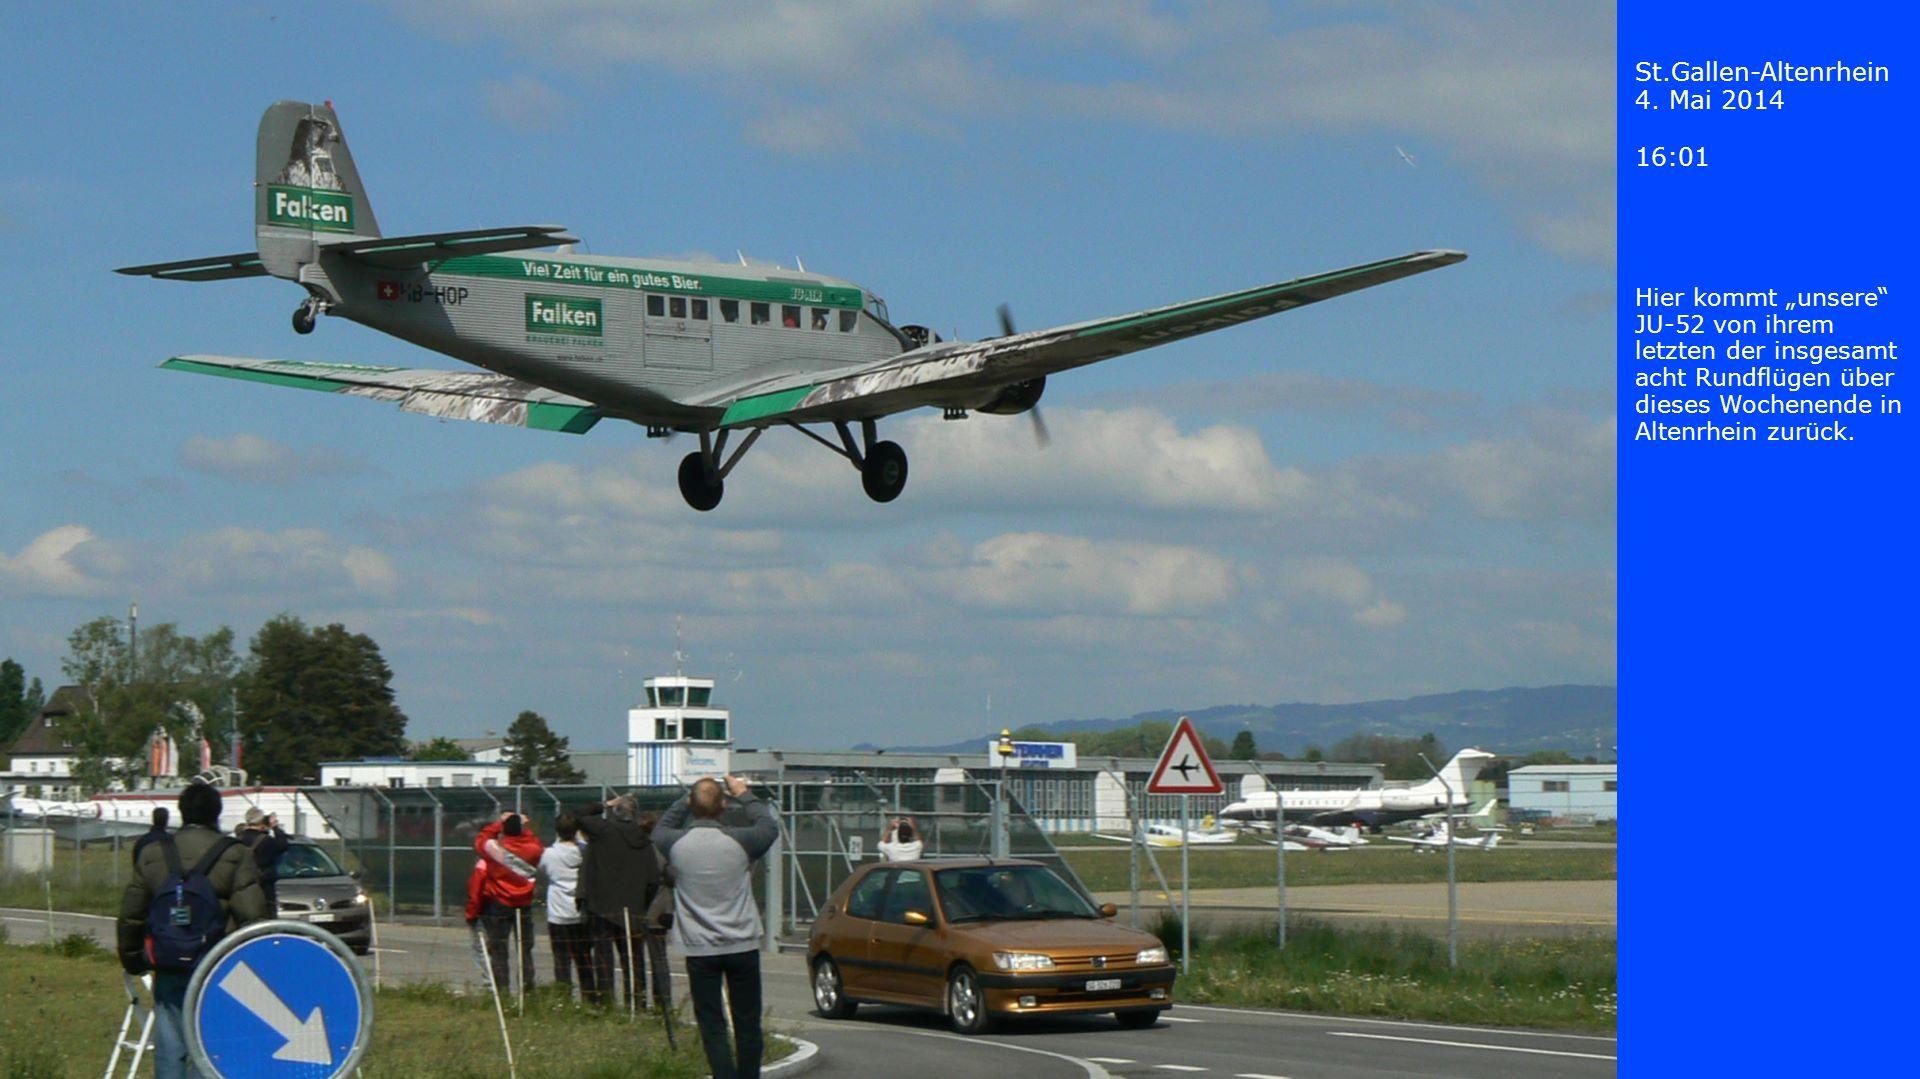 St.Gallen-Altenrhein 4. Mai 2014 16:01 Hier kommt unsere JU-52 von ihrem letzten der insgesamt acht Rundflügen über dieses Wochenende in Altenrhein zu